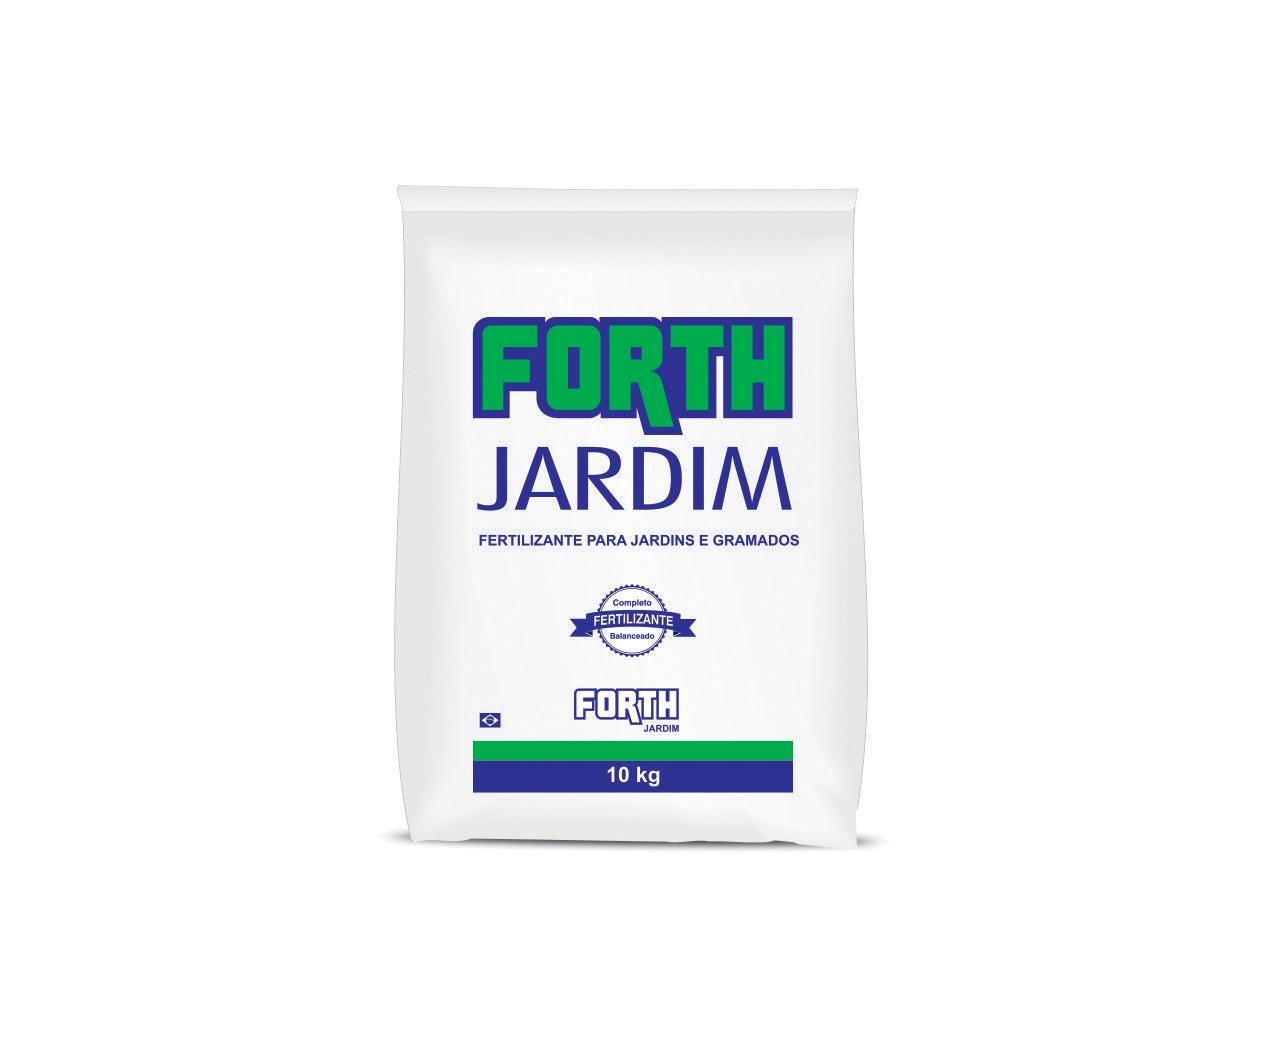 Fertilizante FORTH Jardim 10kg